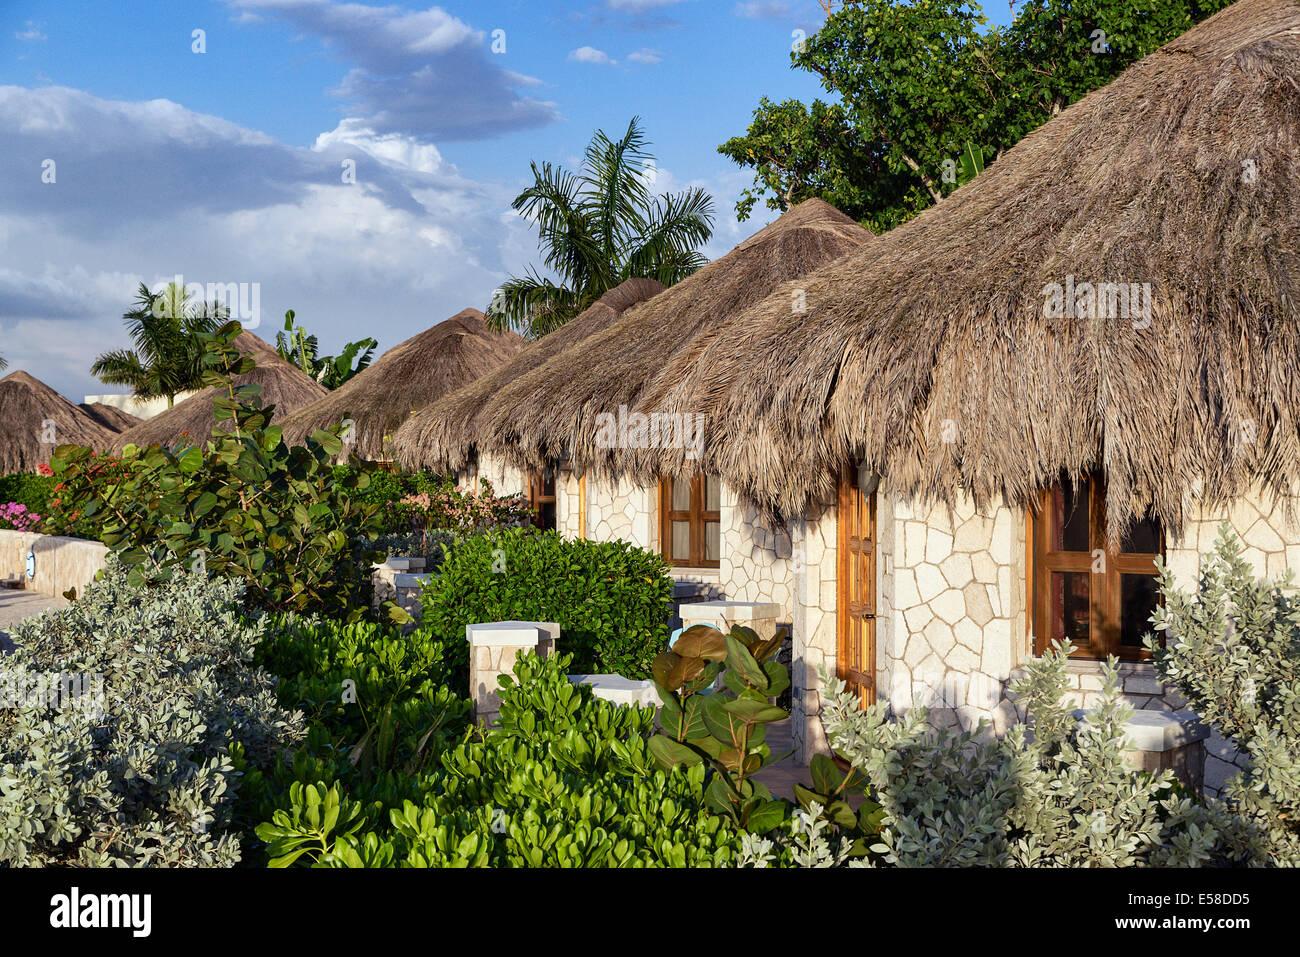 El Spa boutique hotel cabañas con techo de paja. Imagen De Stock